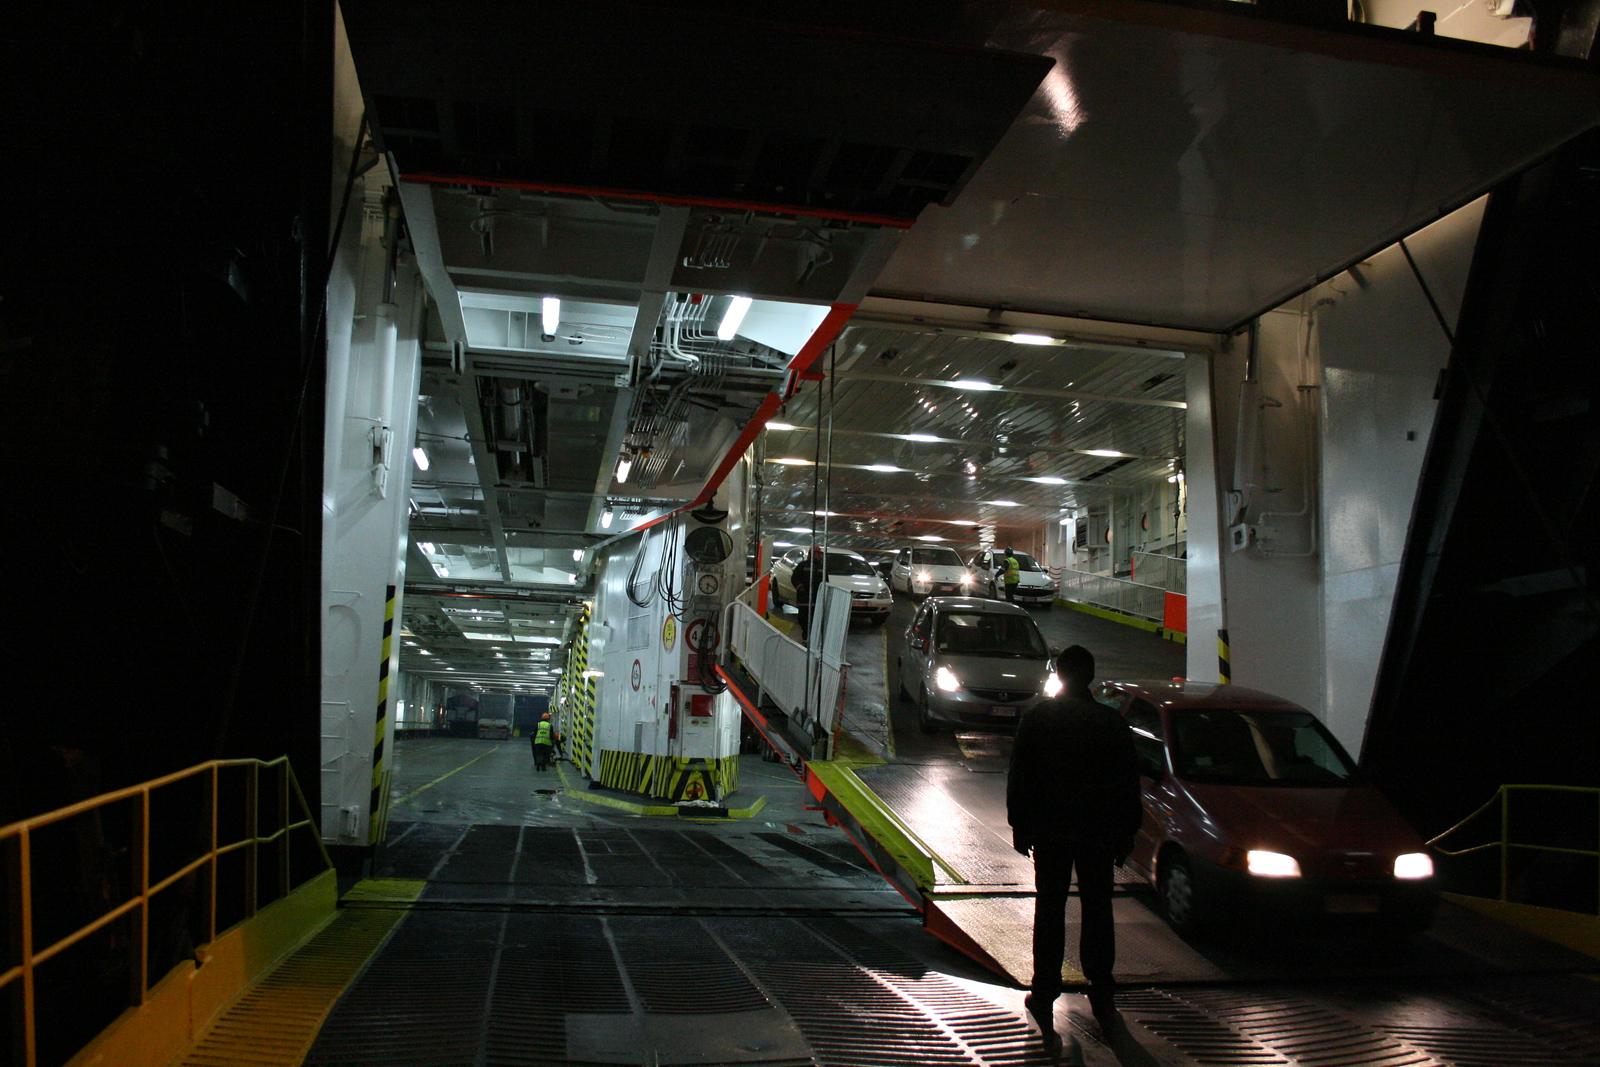 2008 - F/B SNAV TOSCANA disembarking cars in Olbia.